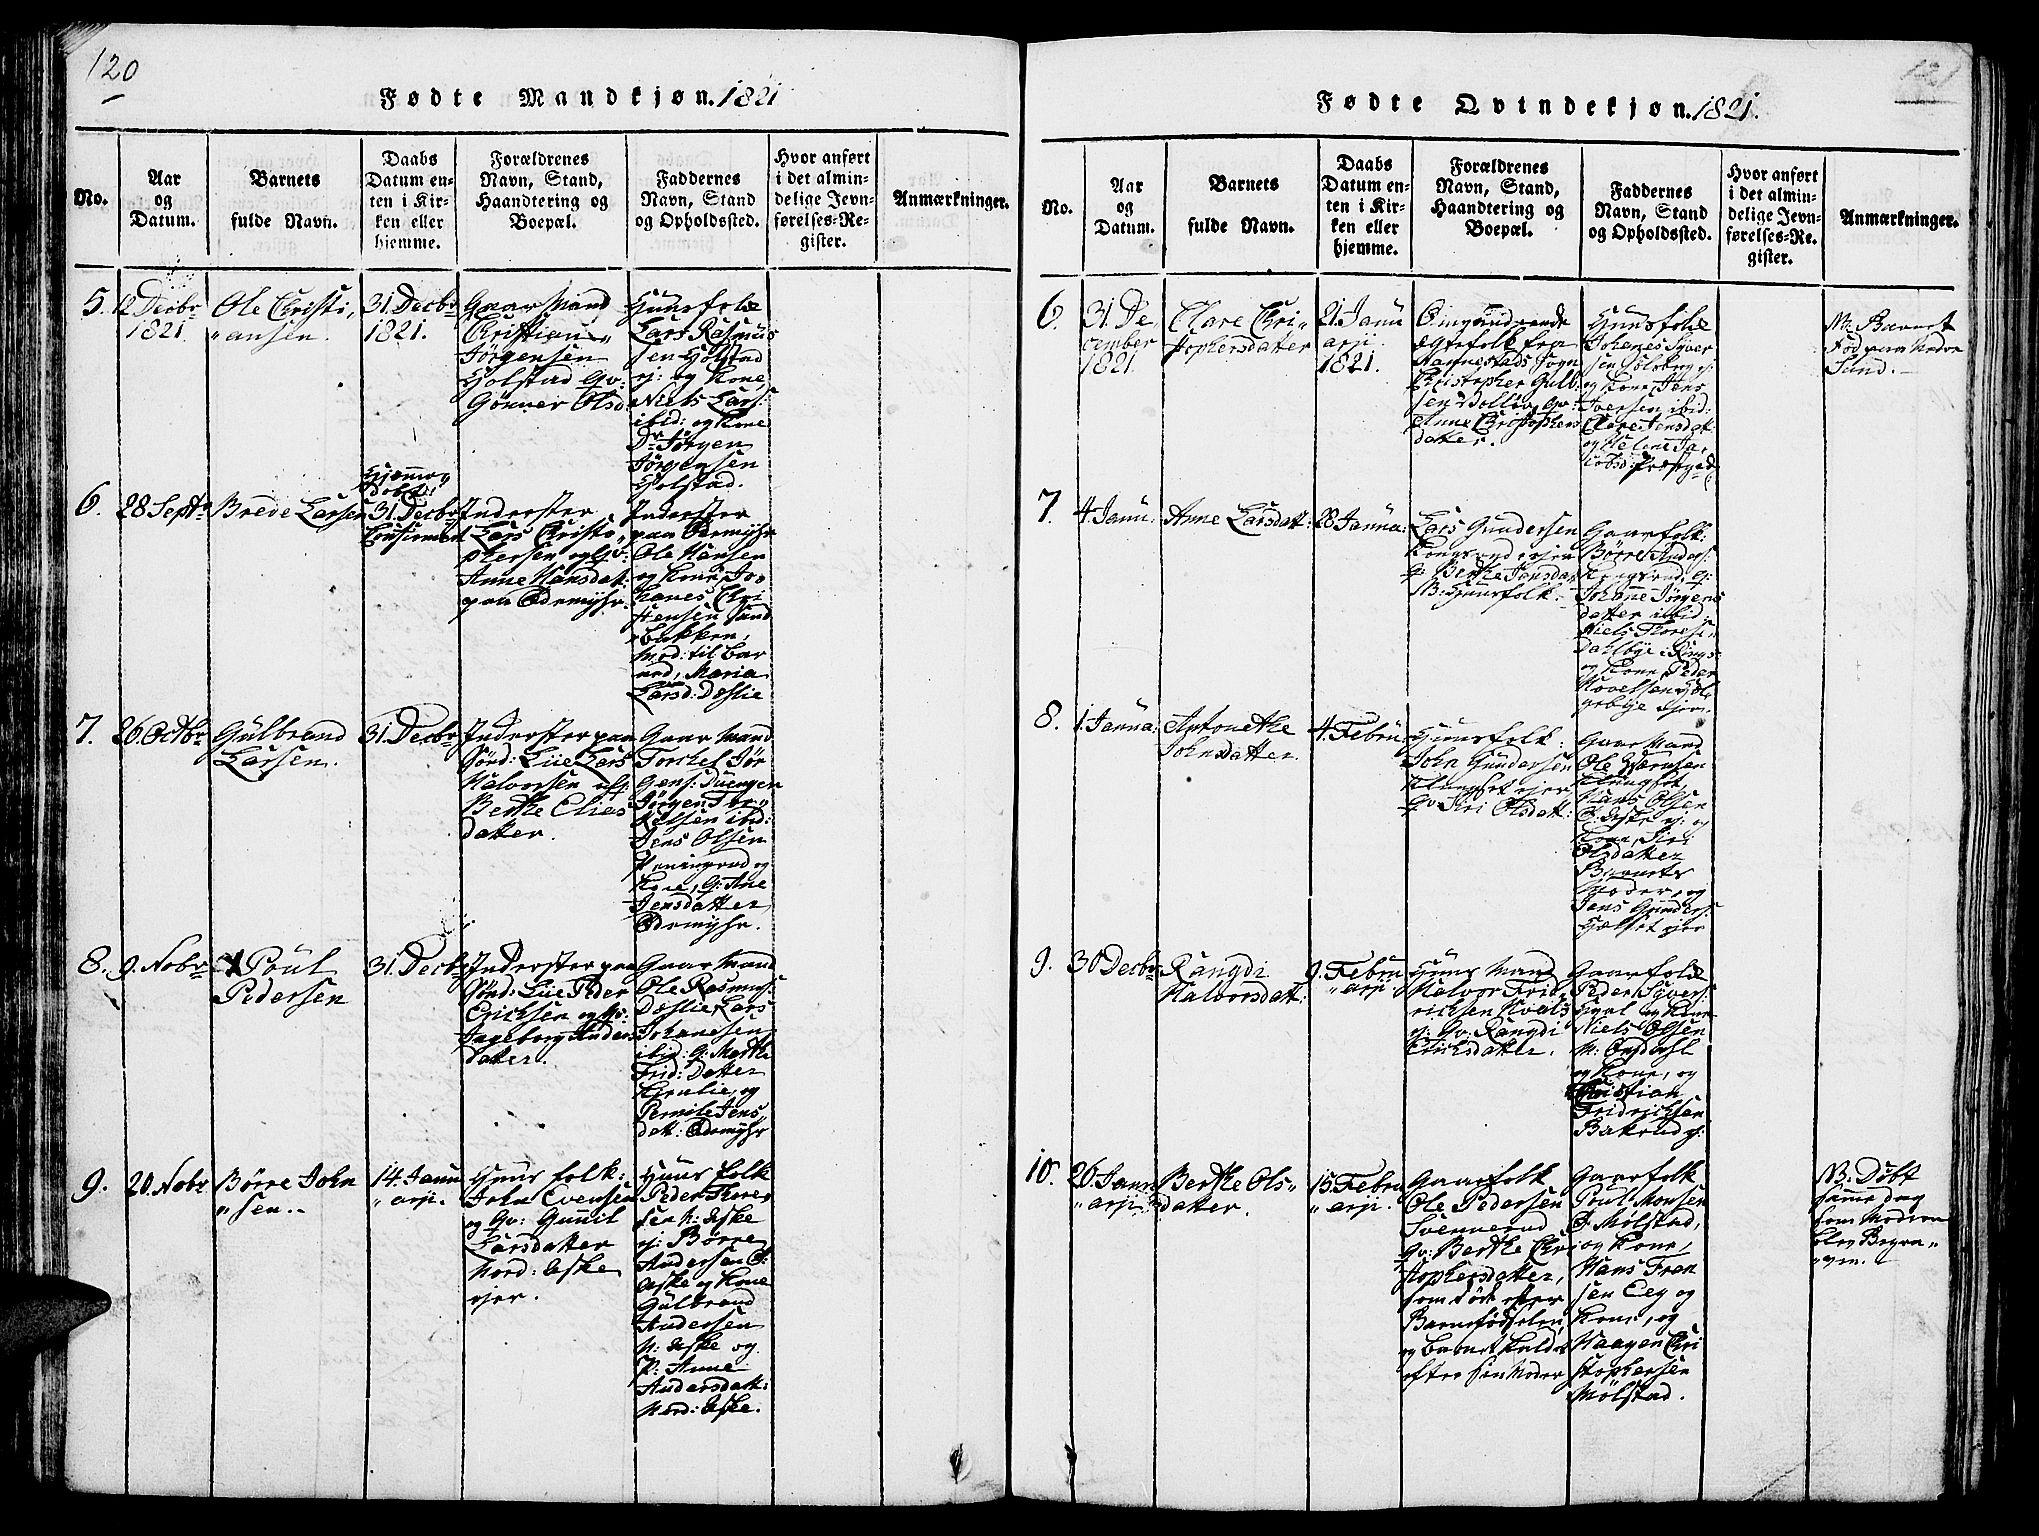 SAH, Nes prestekontor, L/La/L0003: Klokkerbok nr. 3, 1814-1831, s. 120-121